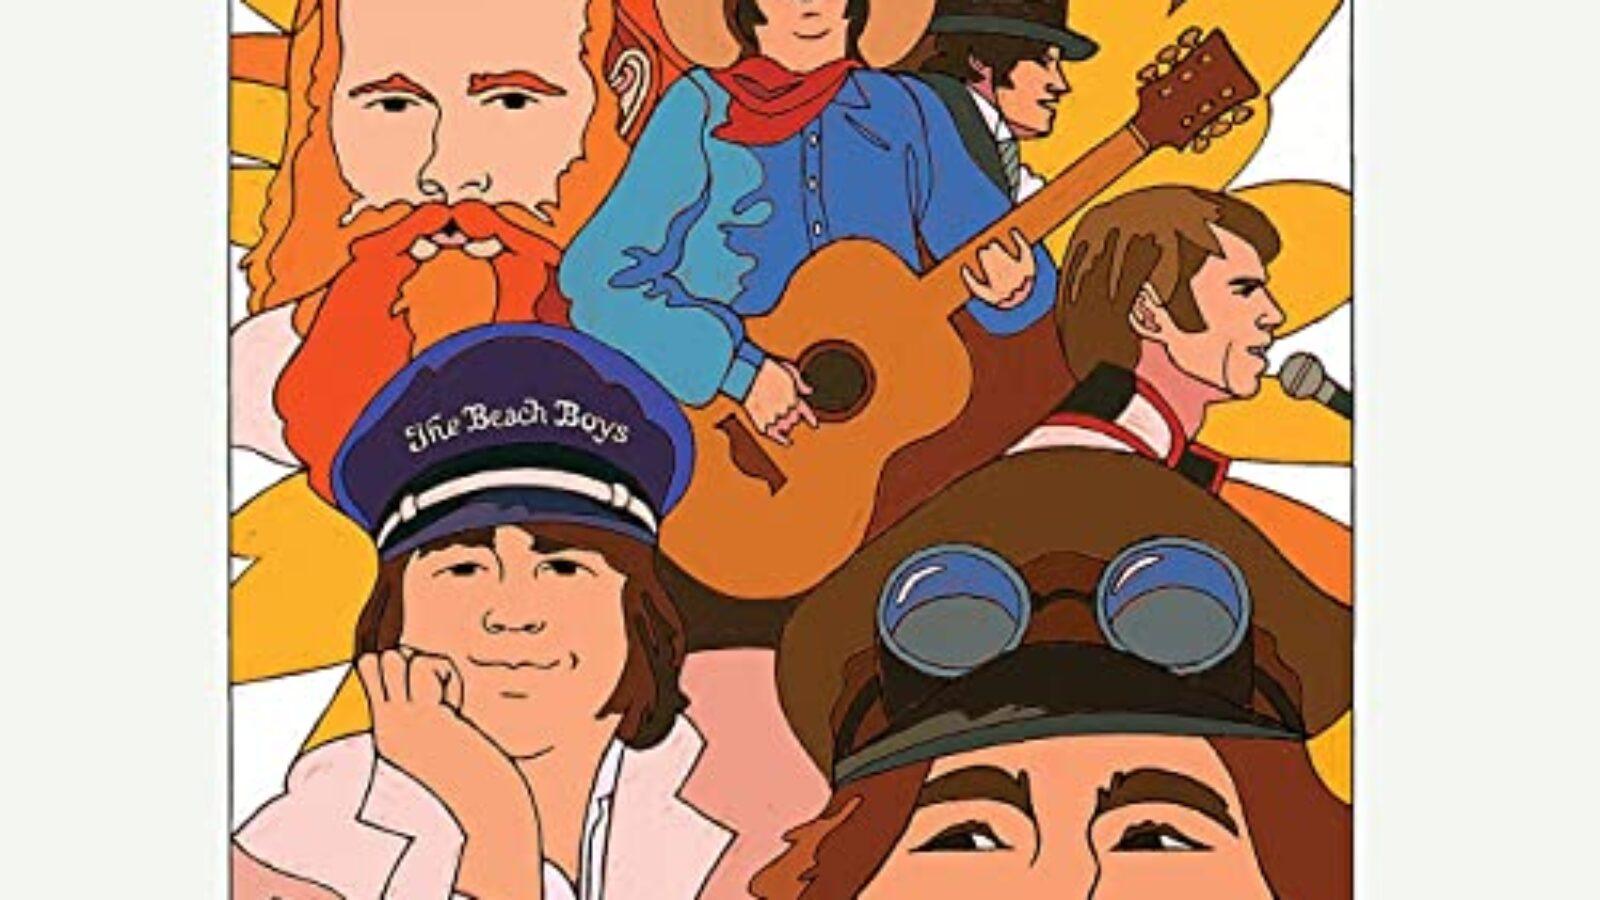 NEUE Musik: Muse, Beach Boys & Co.